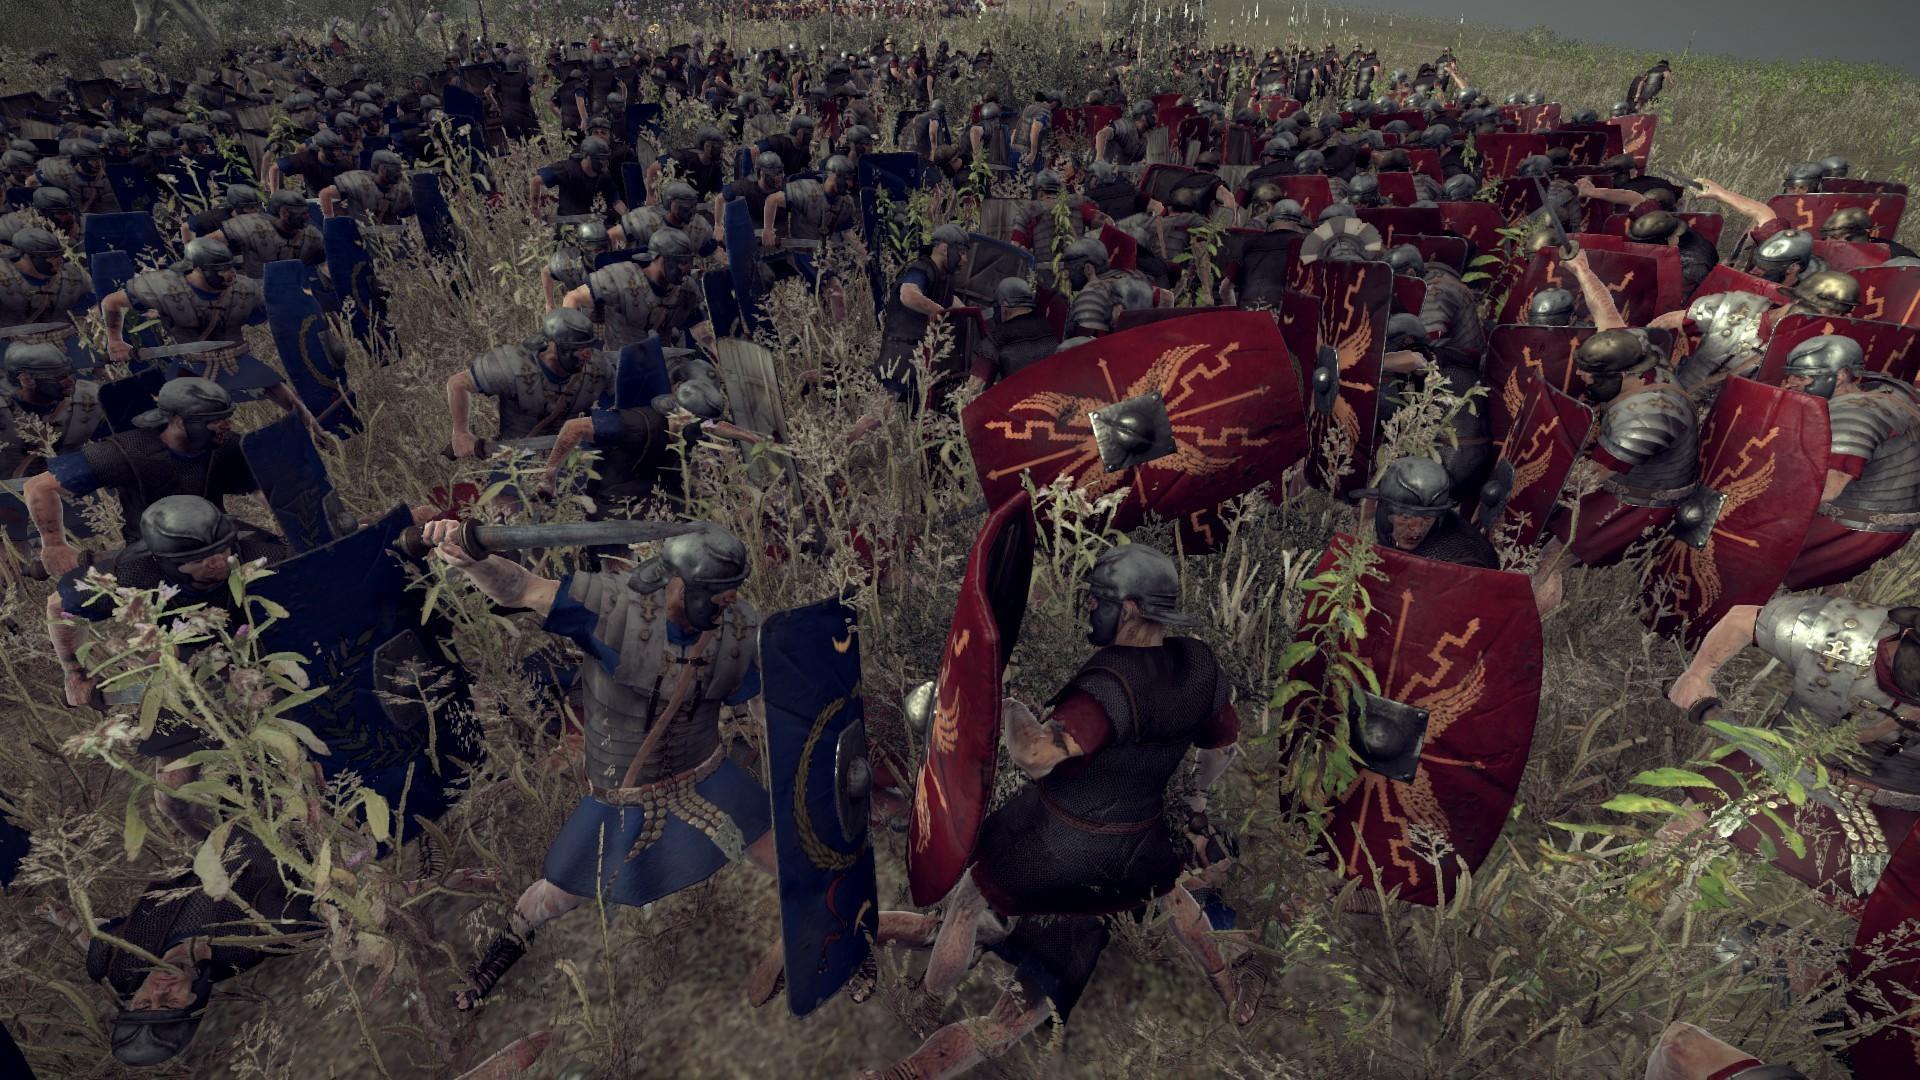 Thread: Roman civil war and Spartacus revolt